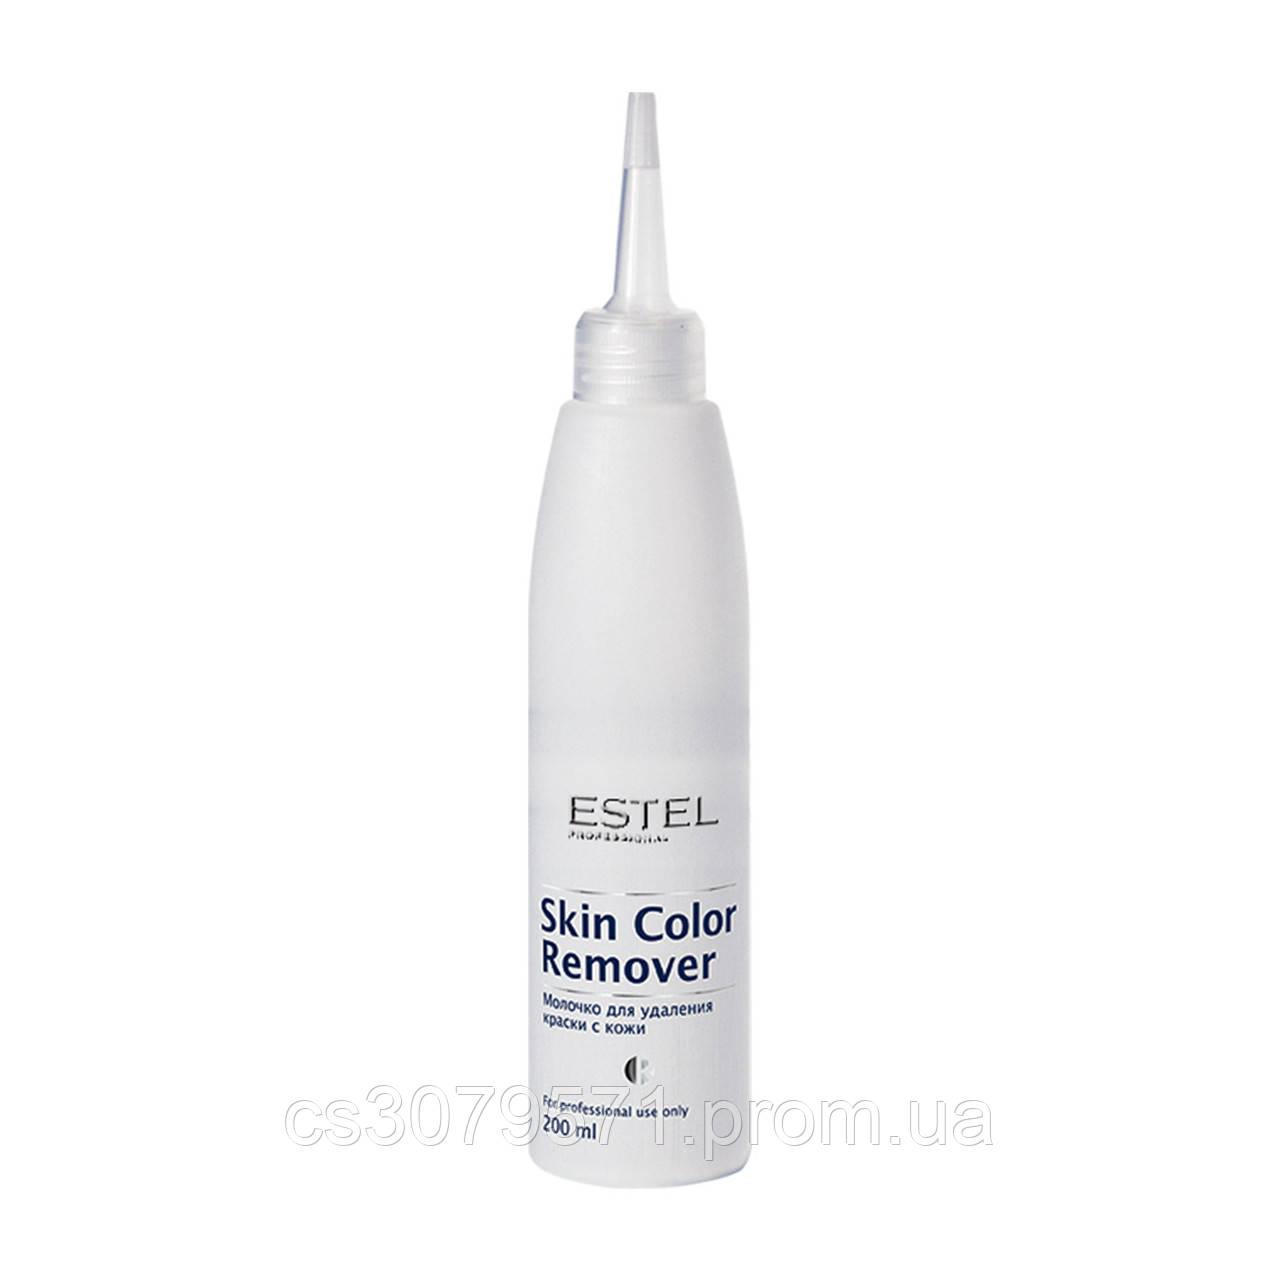 Лосьон для удаления краски с кожи Estel Professional Skin Color Remover, 200 мл